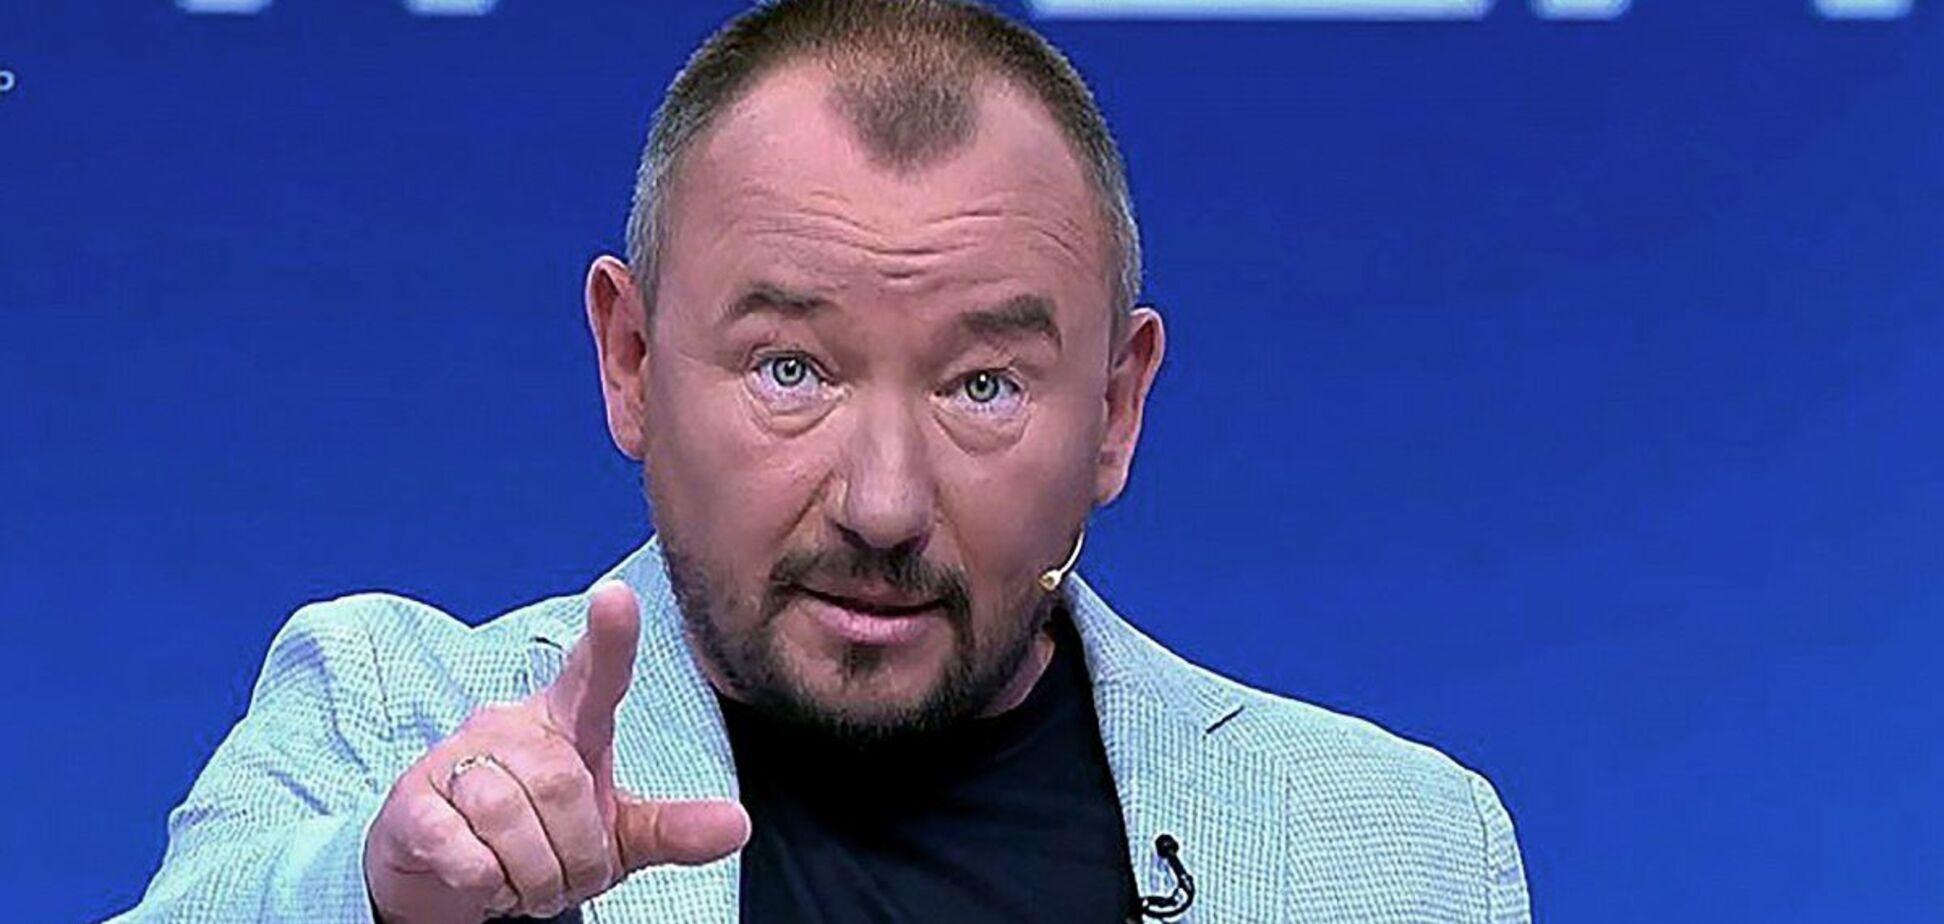 Артем Шейнін - найбільш високооплачуваний російський пропагандист